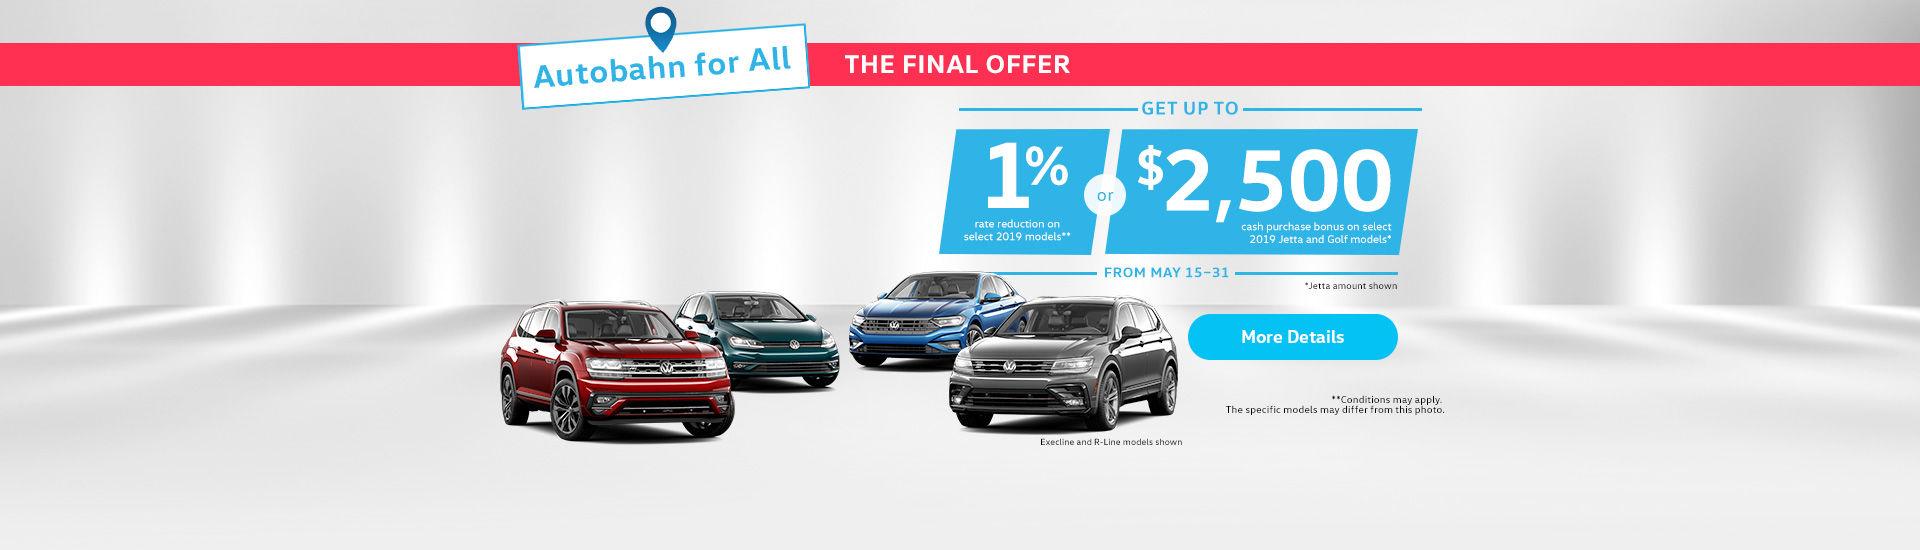 VW Event short sale